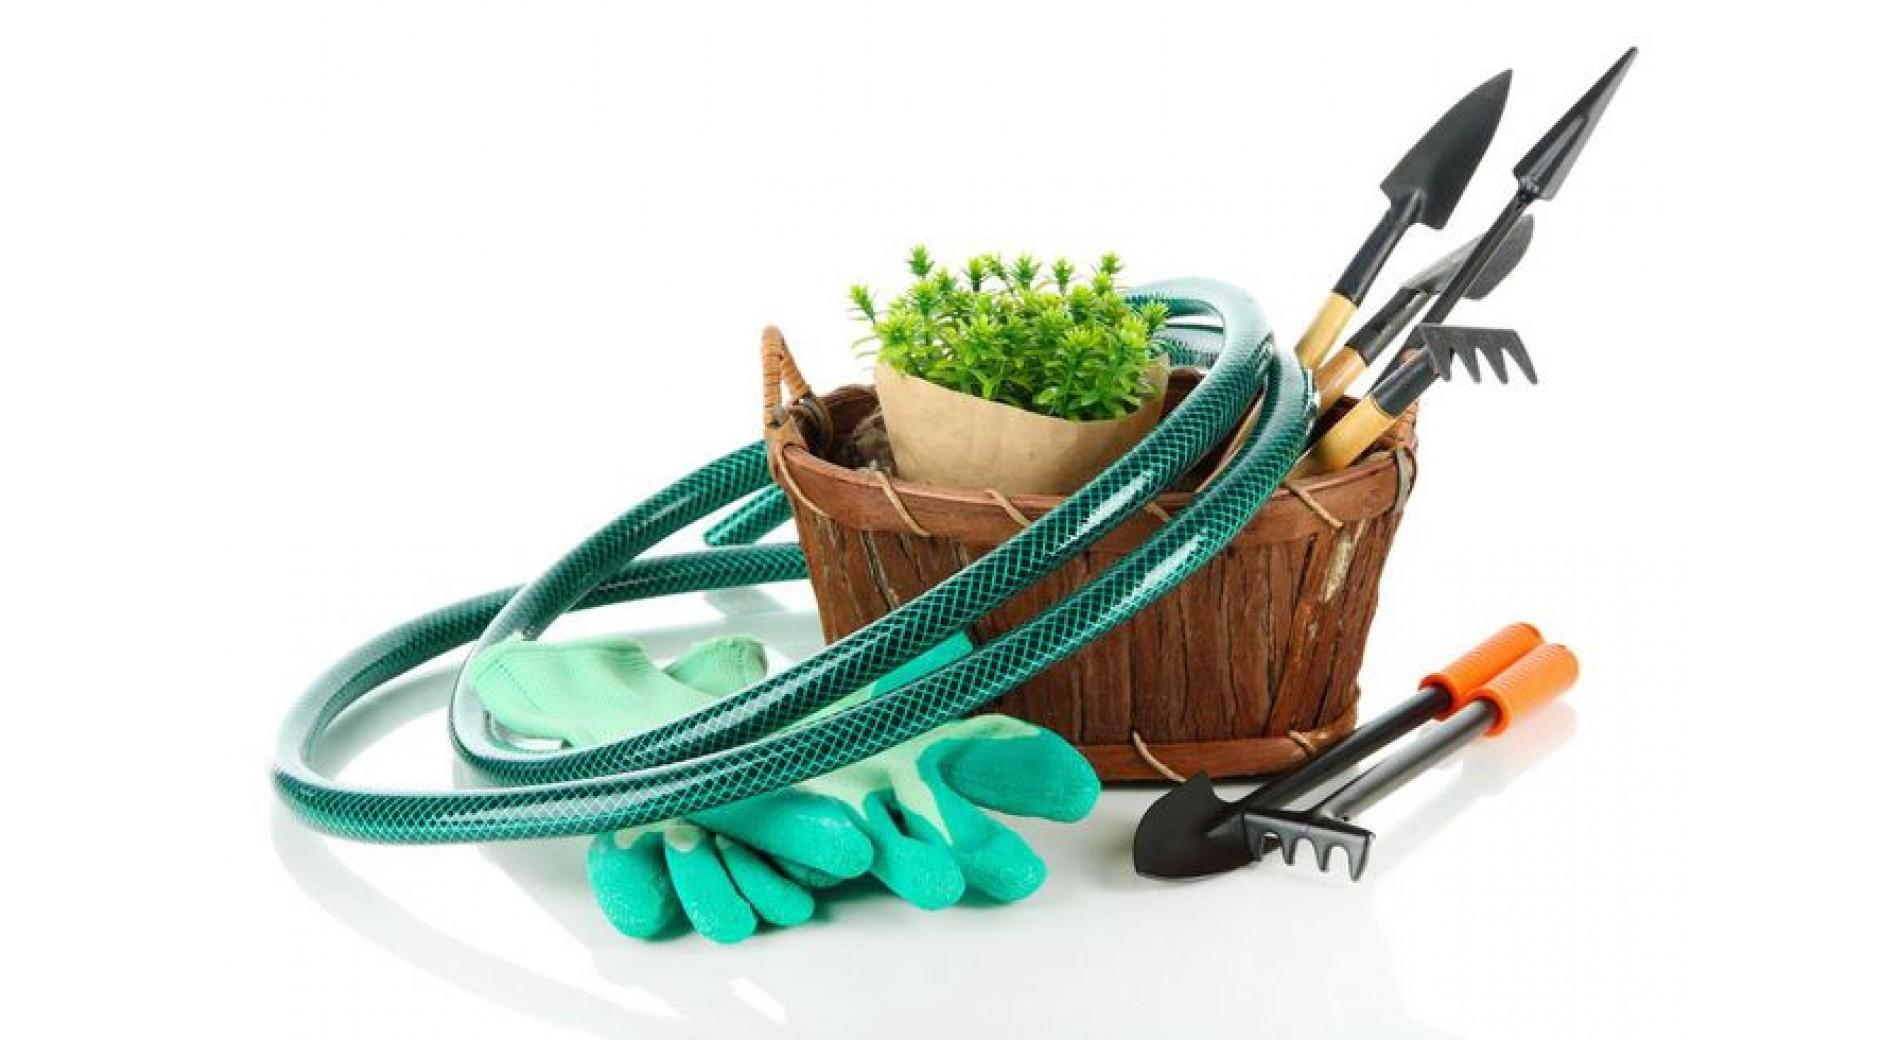 правильное хранение садового инструмента в зимний период